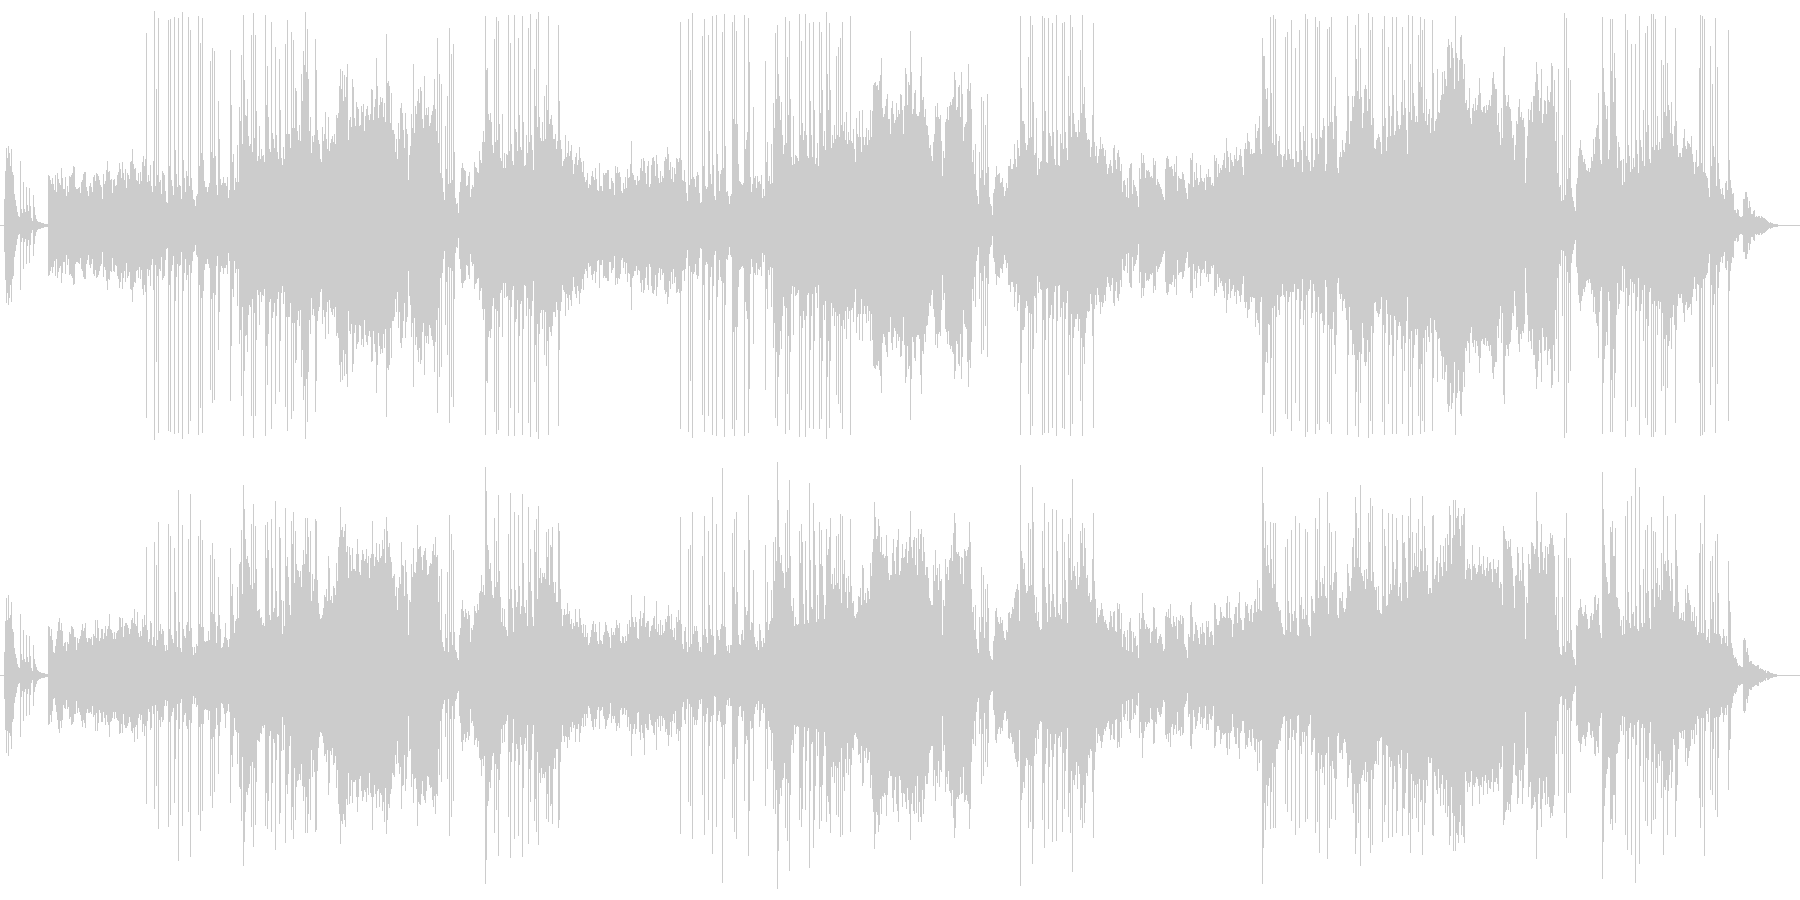 三味線と笛による和風曲の未再生の波形